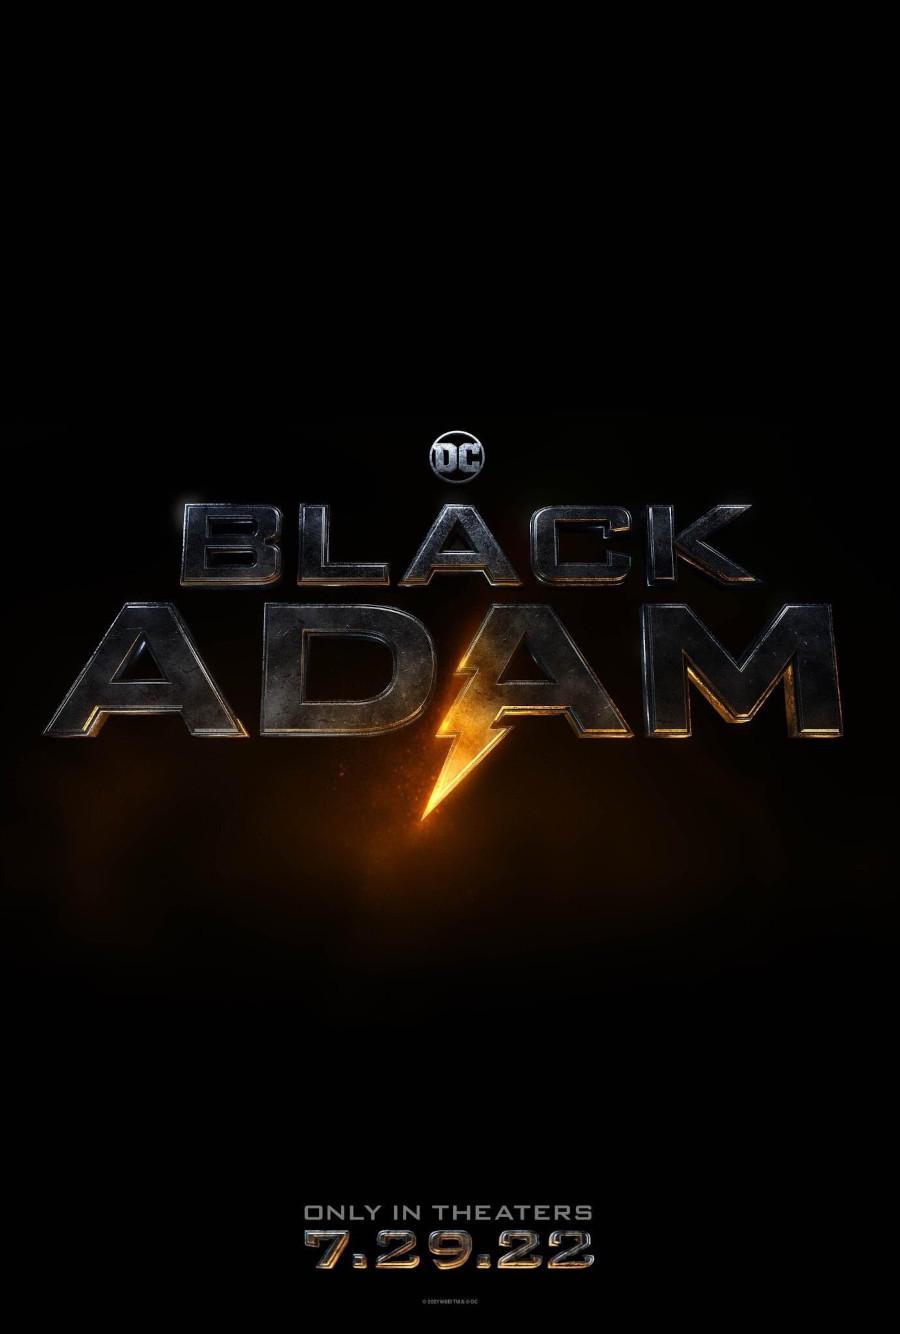 Black Adam release date poster